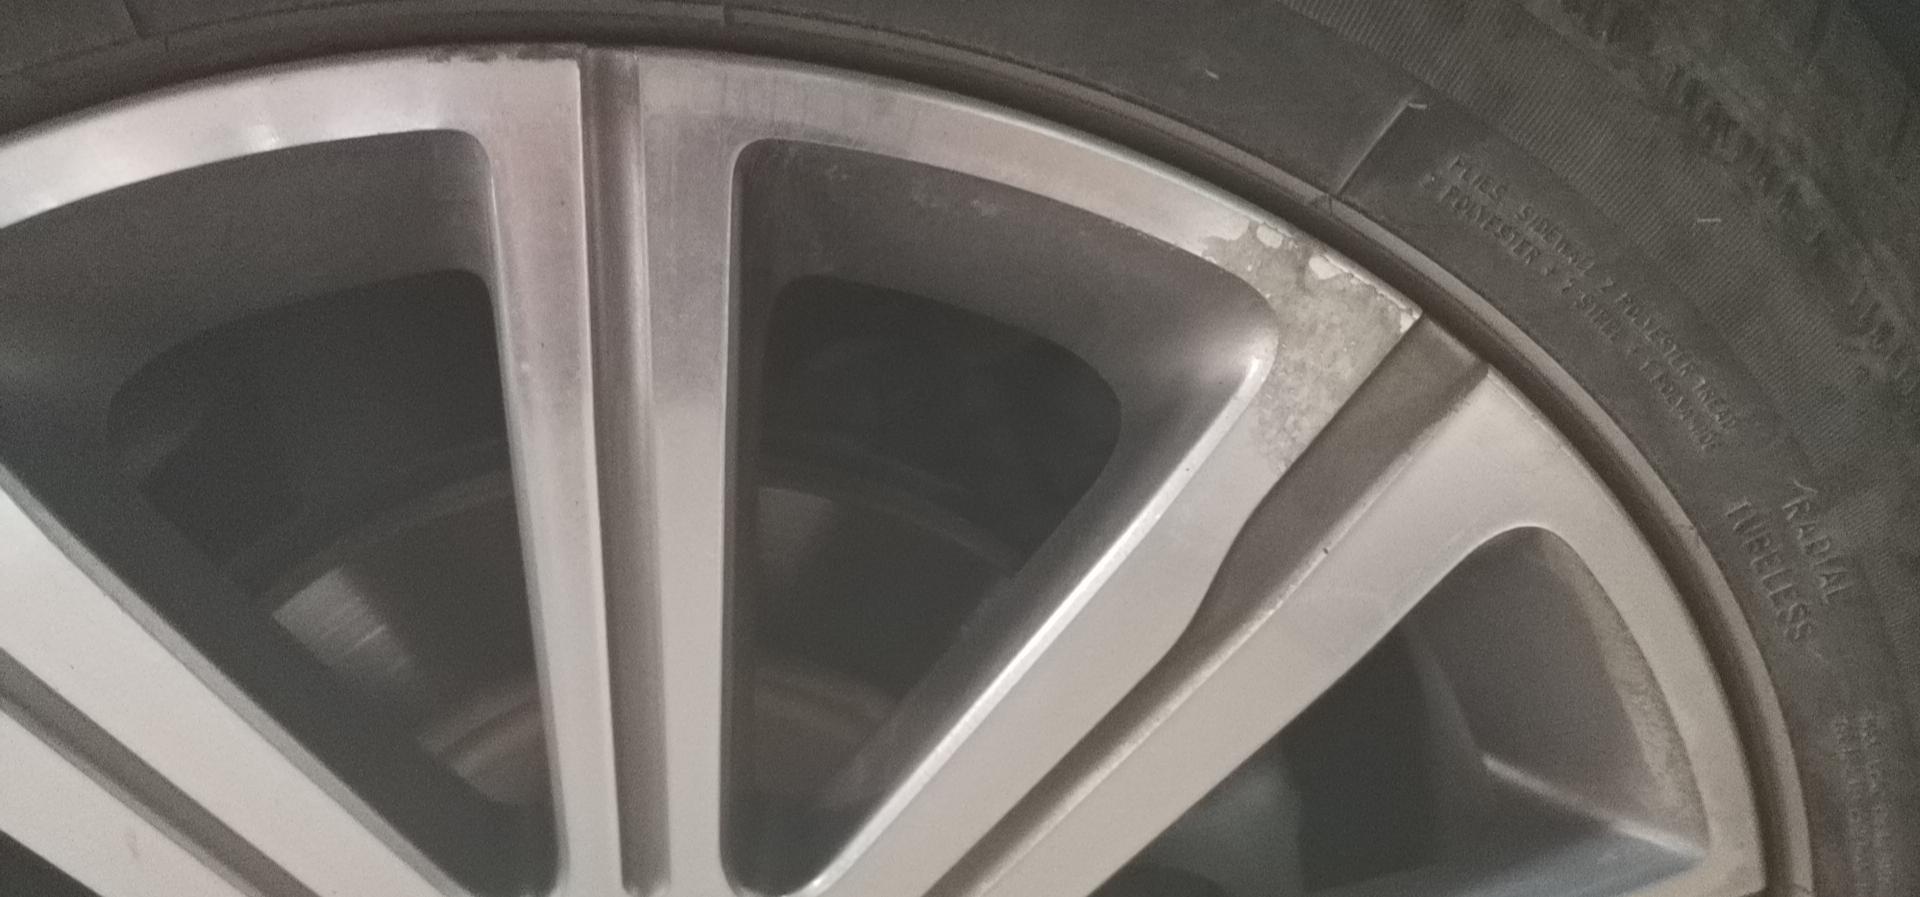 东风标致-标致408 4个轮毂大面积腐蚀